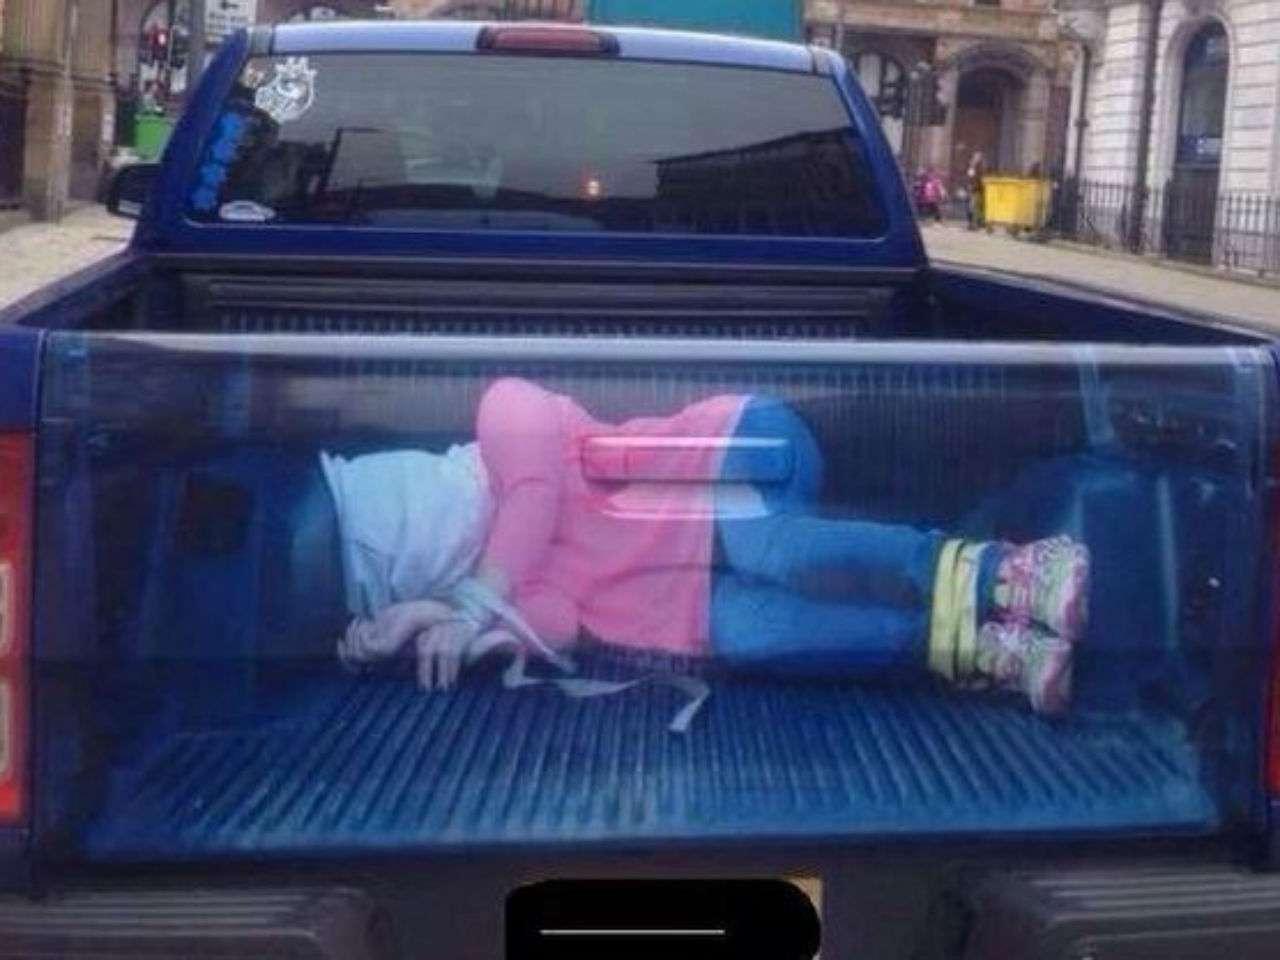 La estampa fue colocada en la parte trasera de una camioneta y se desconoce la razón Foto: Twitter